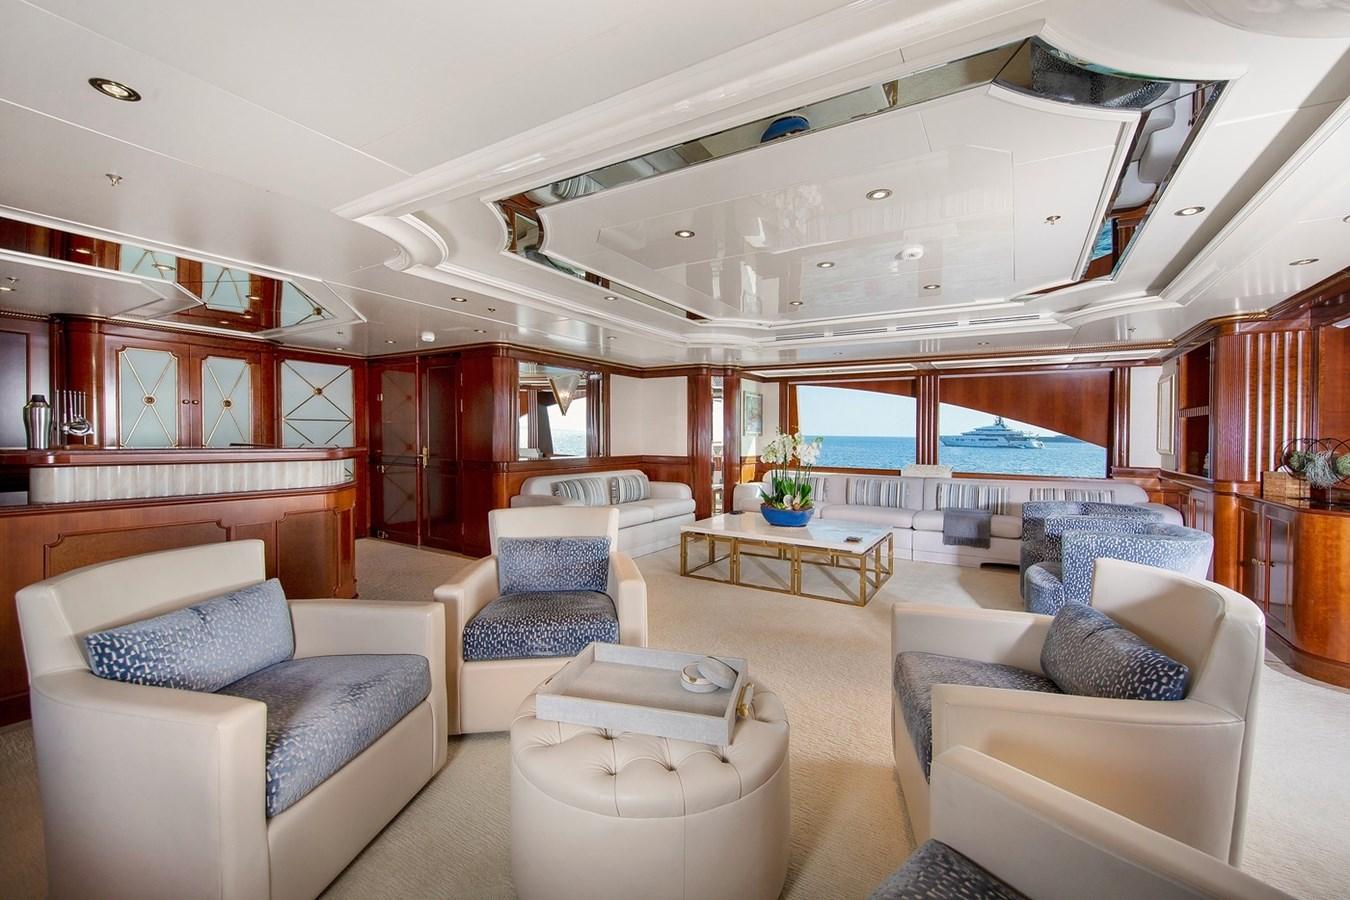 LADY_MICHELLE_00000925_vb1584036 2003 BENETTI  Mega Yacht 2886225